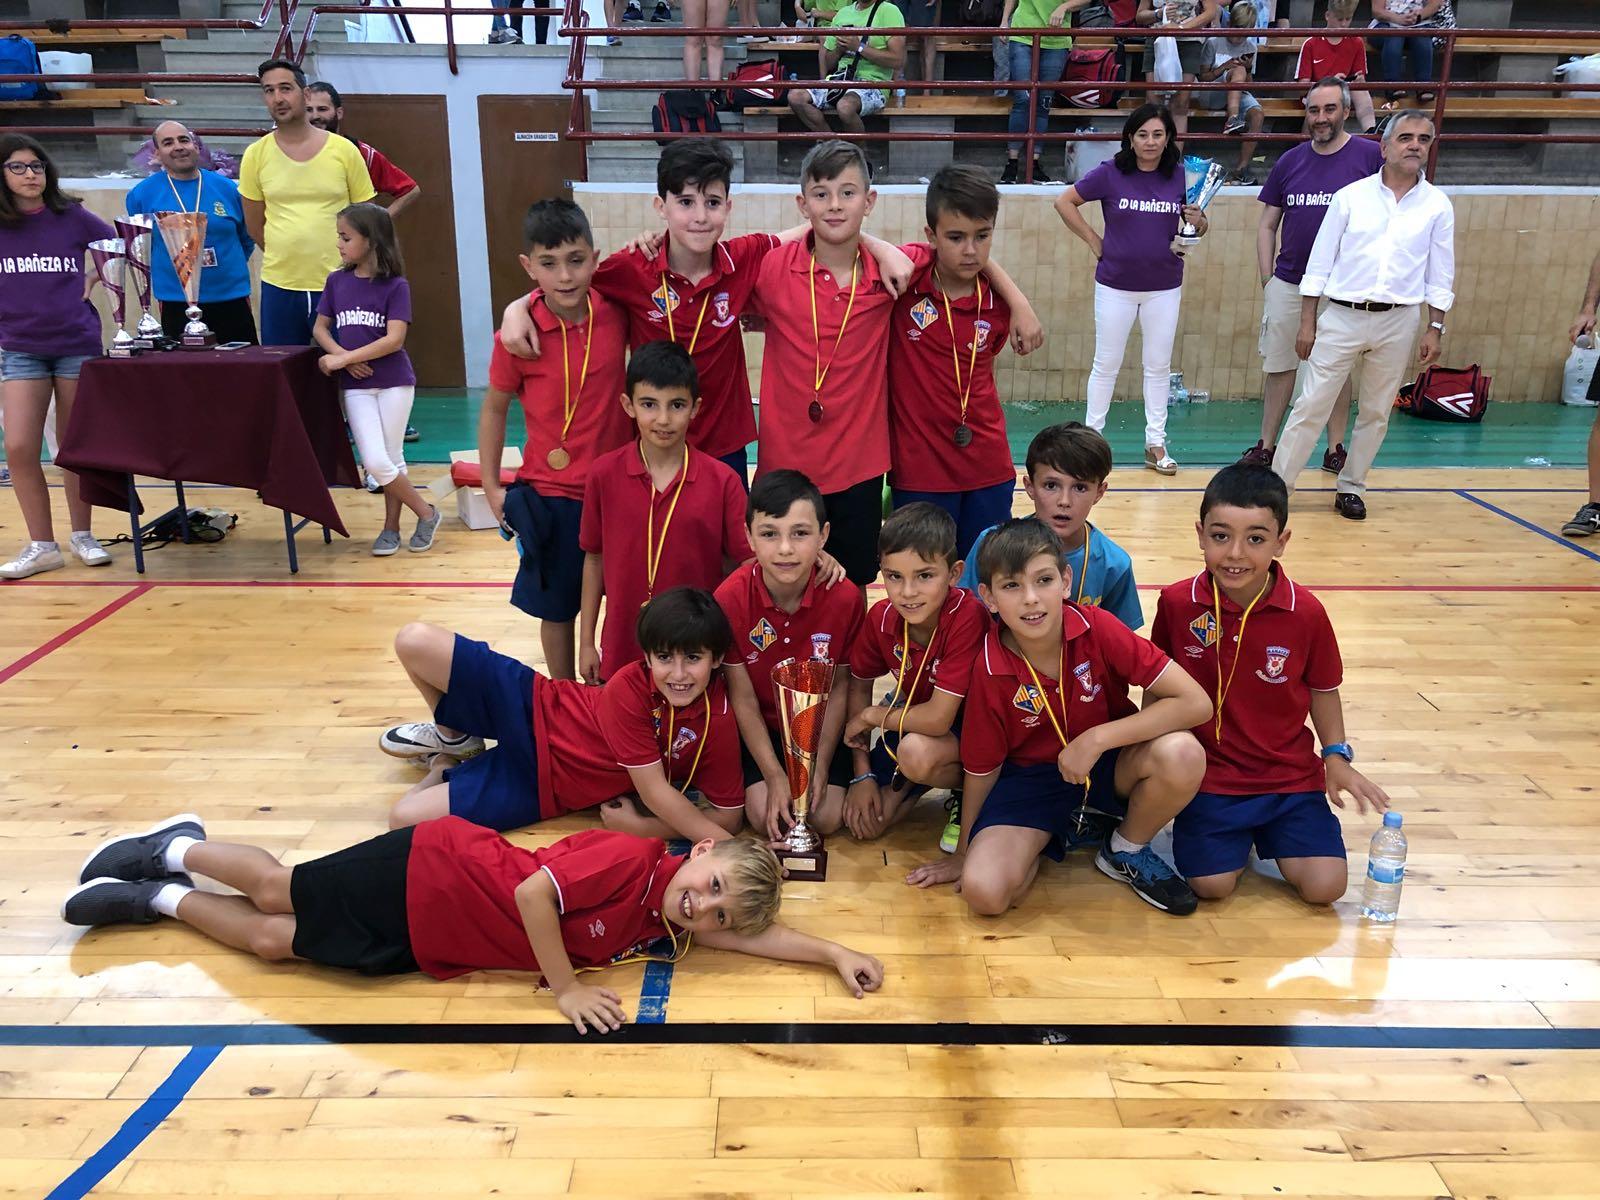 El equipo benjamín ganó el torneo de su categoría